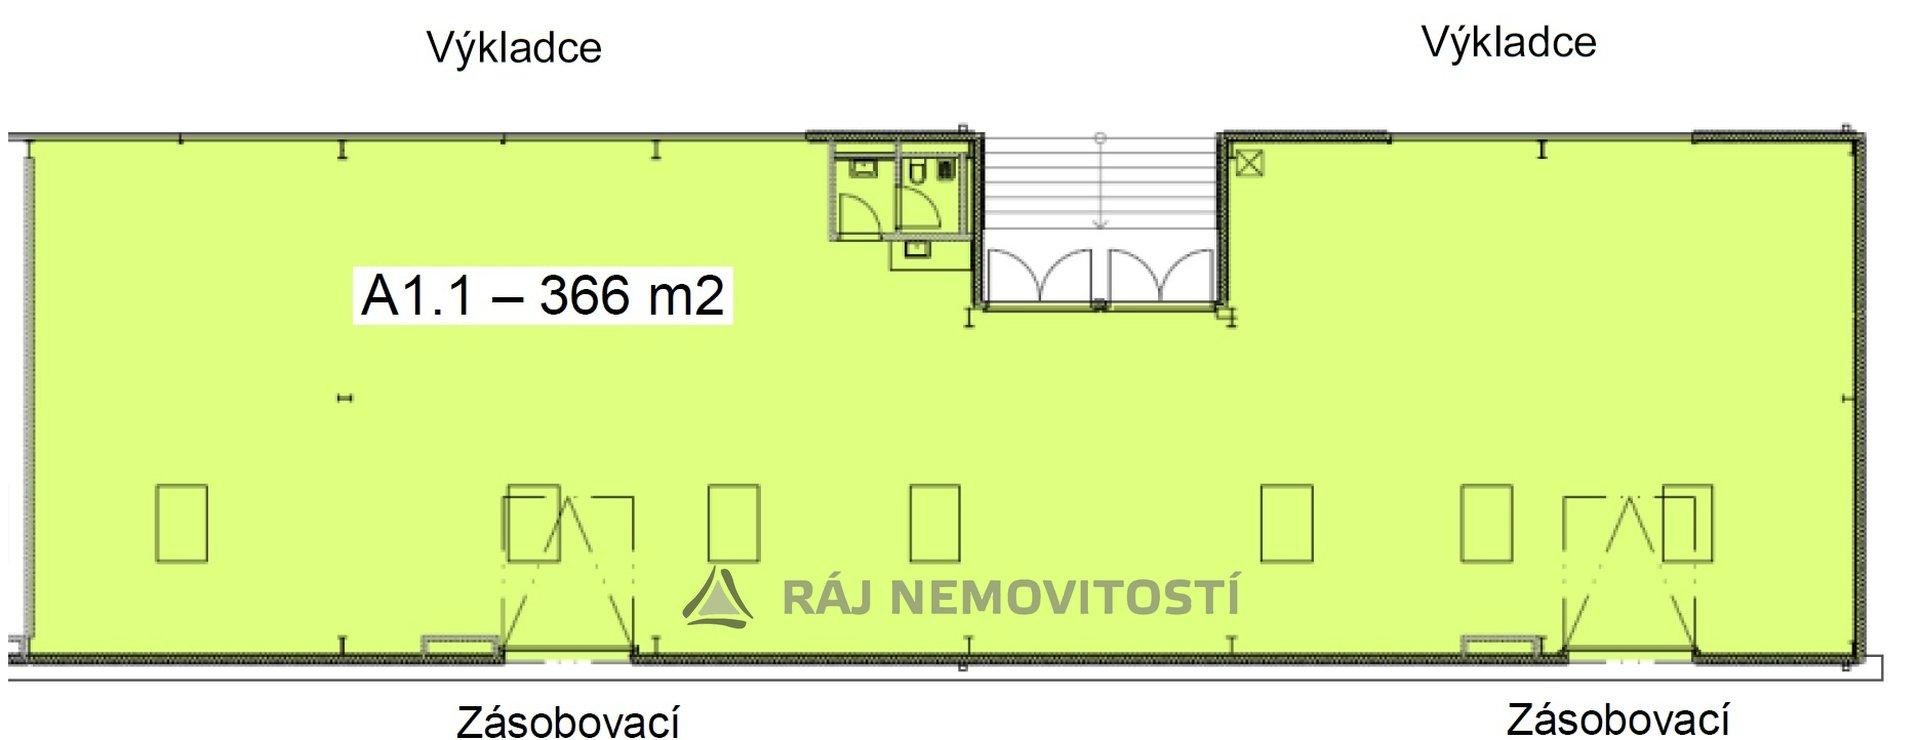 půdorys 366 m2